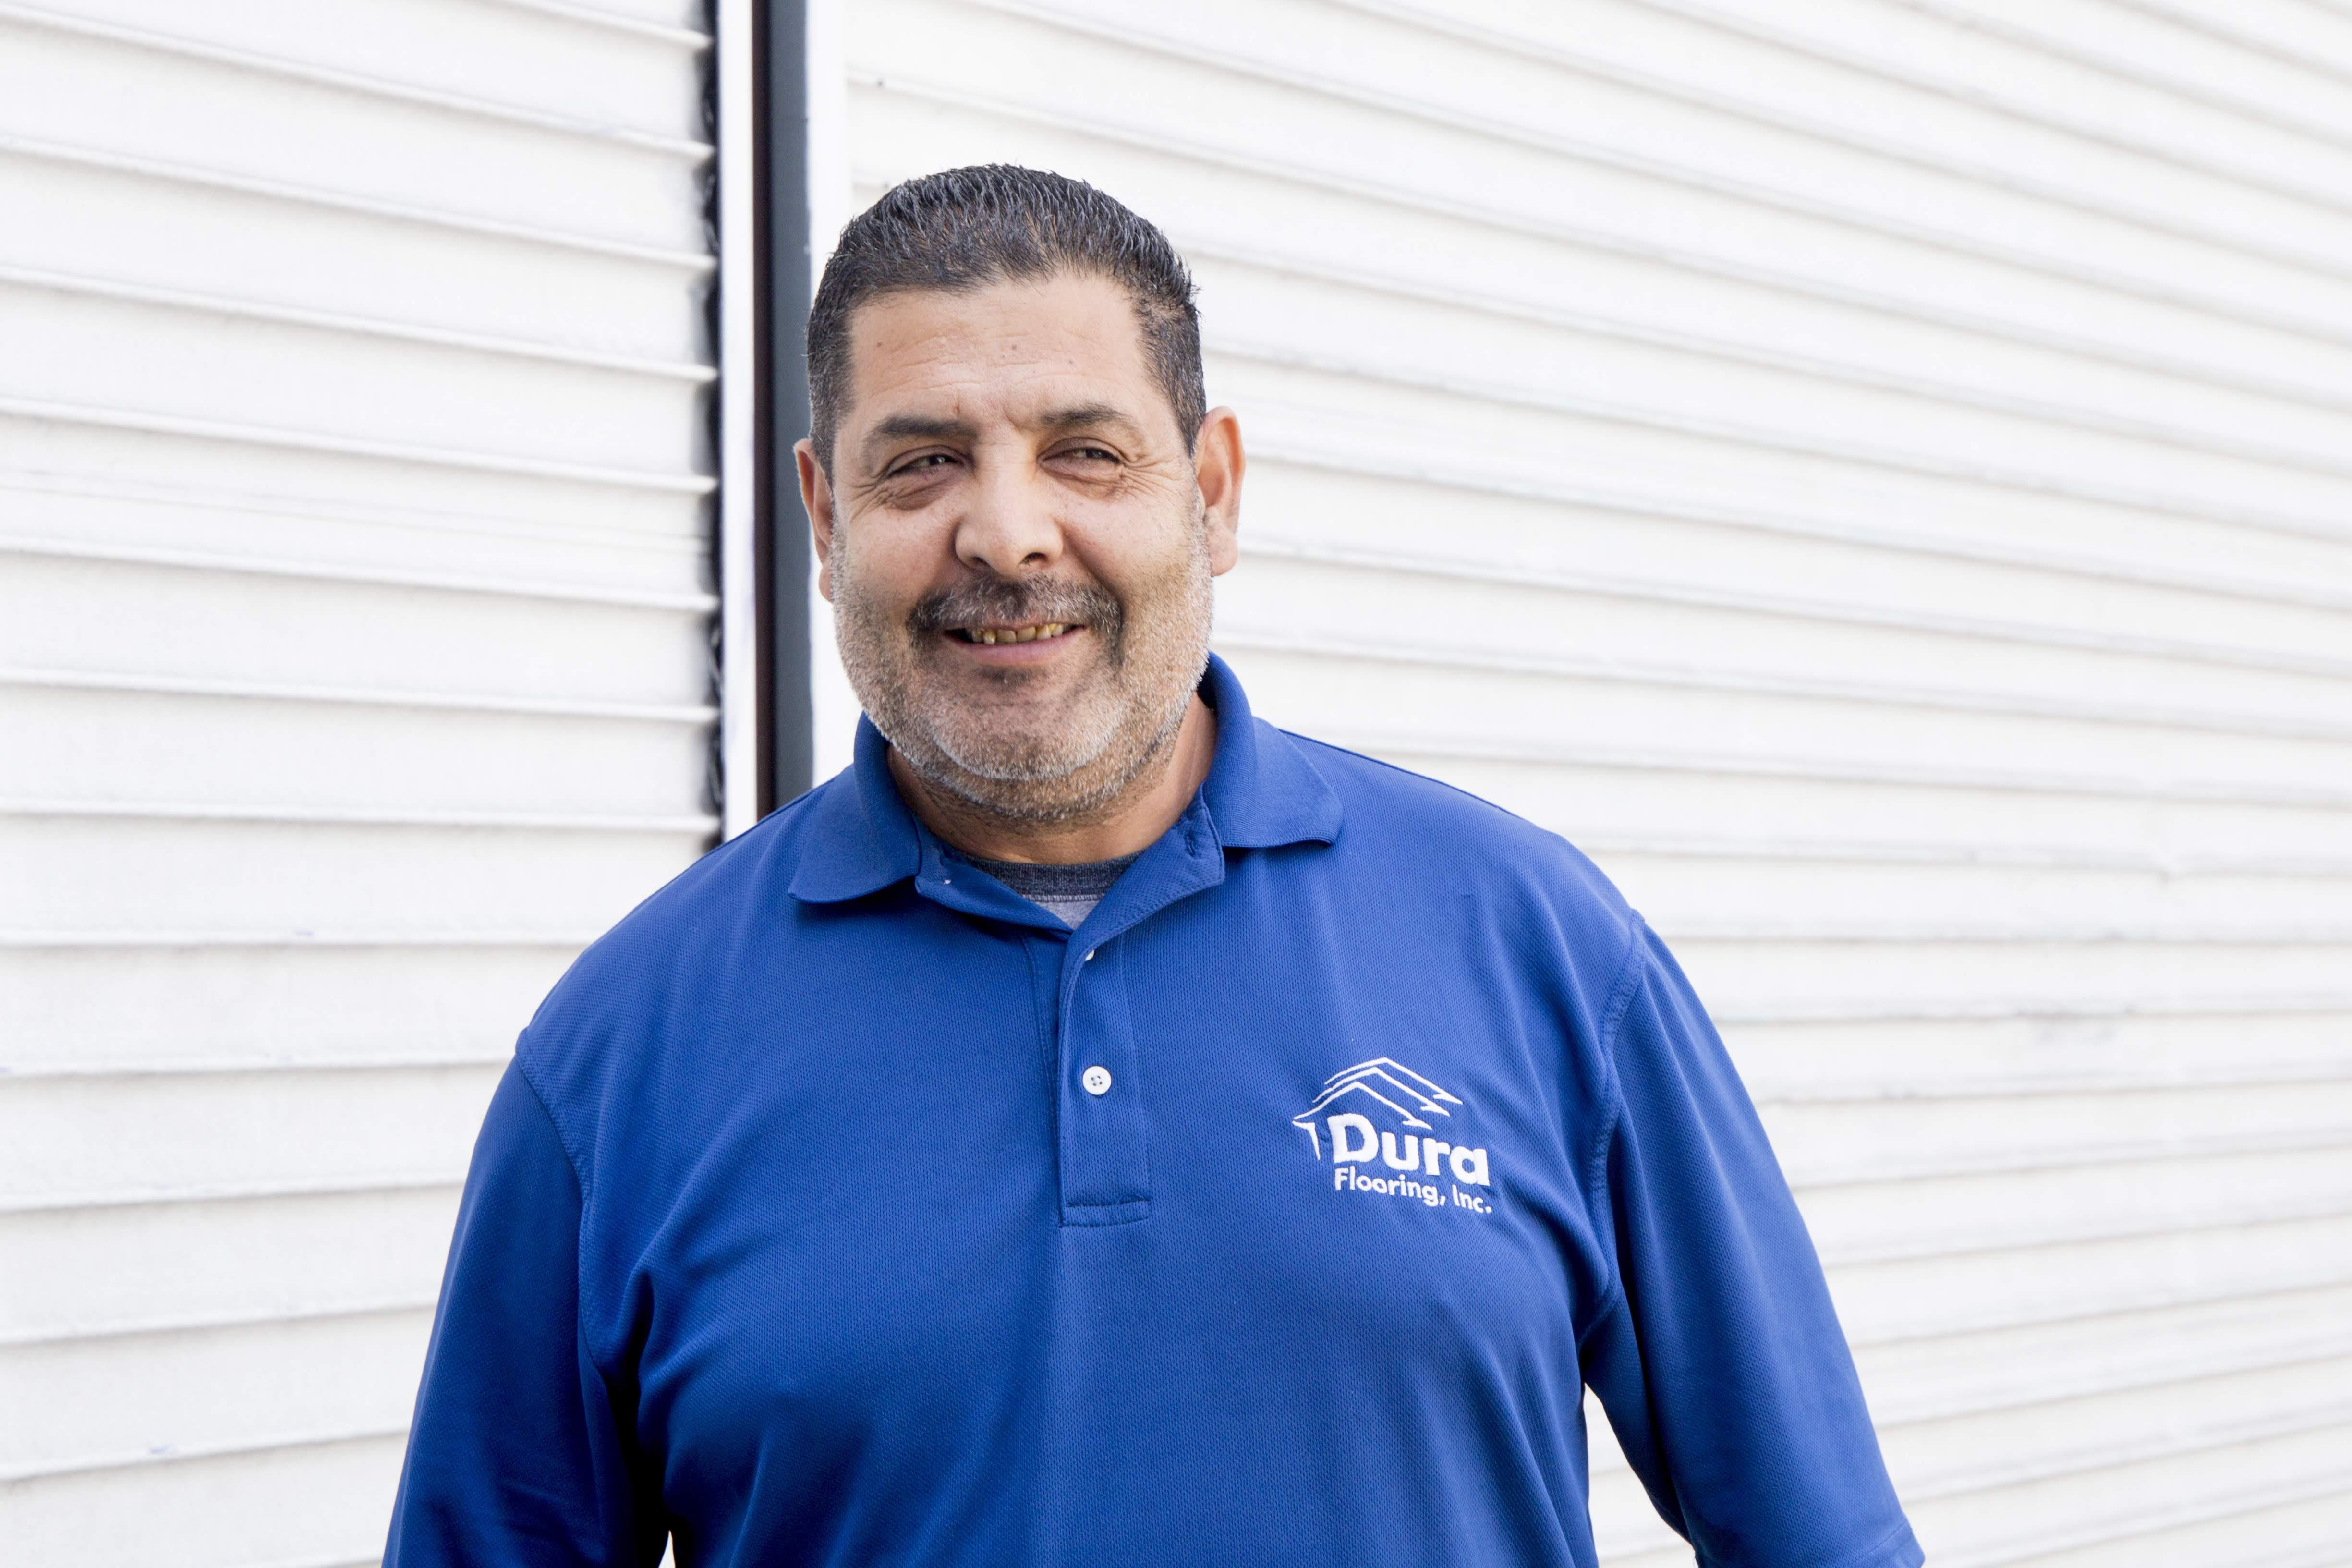 Juan, Installations Manager at Dura Flooring, Inc